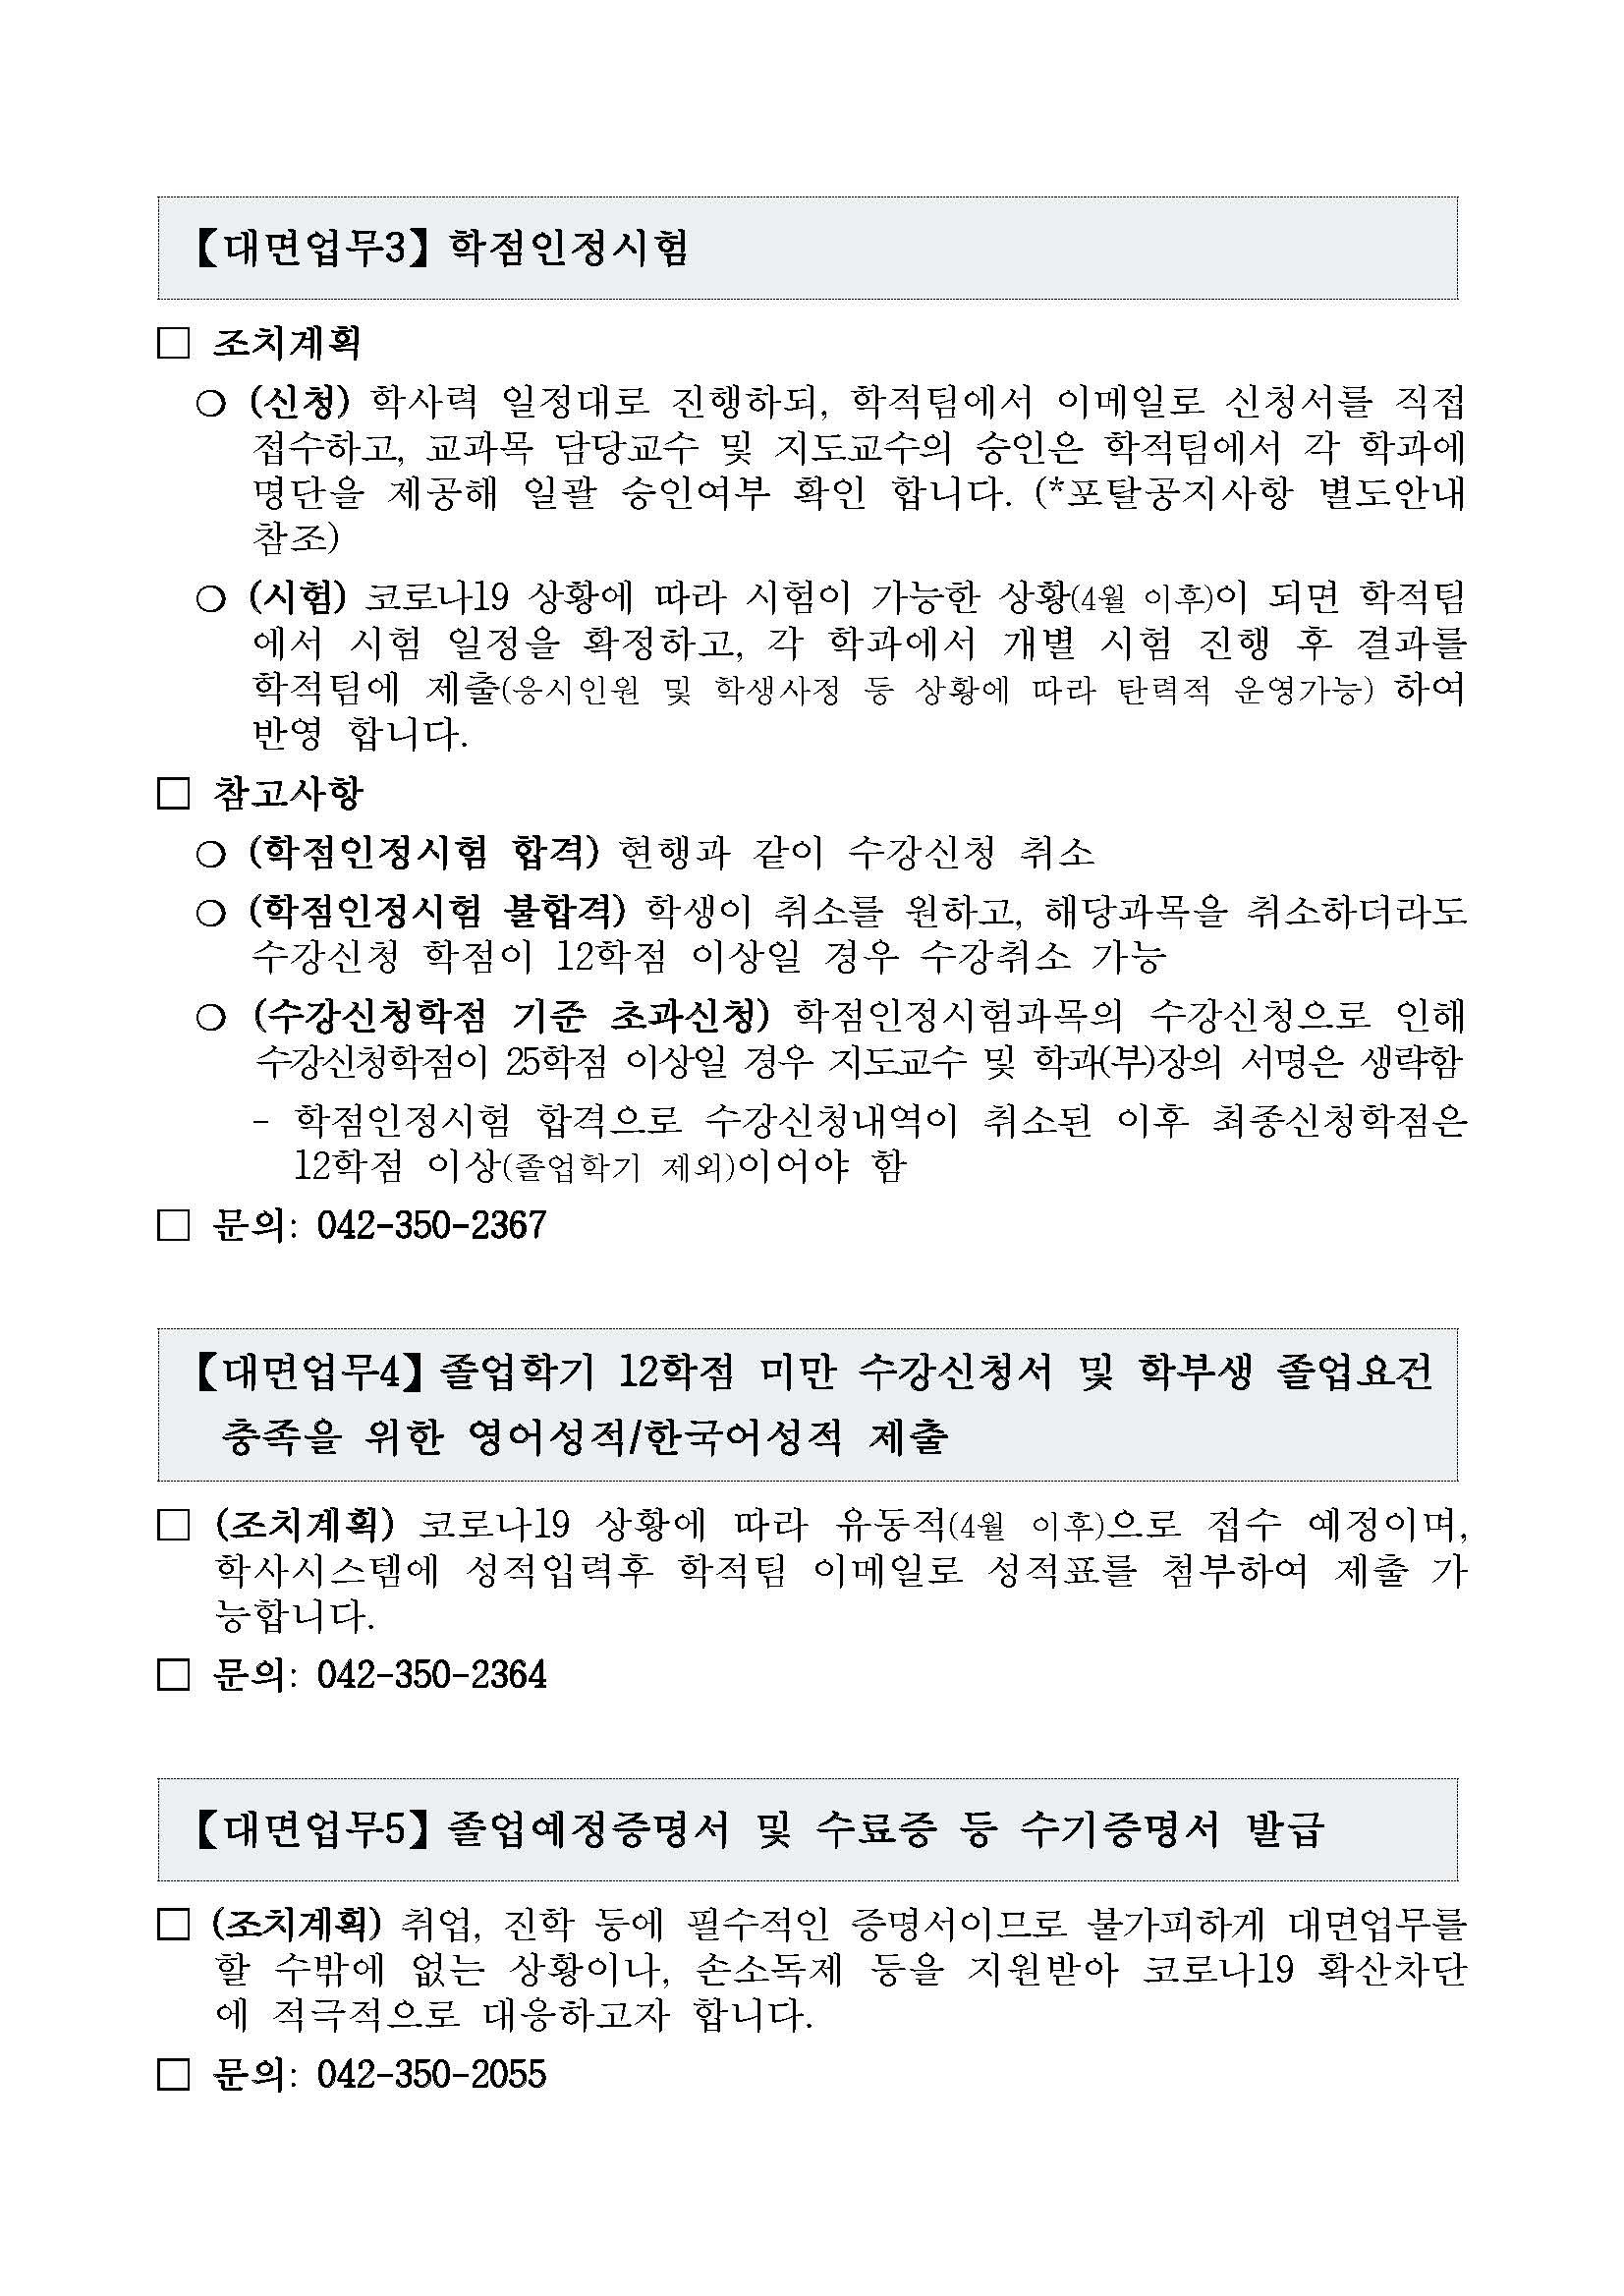 코로나19 확산에 따른 학생 대면업무 조치계획 안내문 For prevention of Spread o_페이지_2.jpg